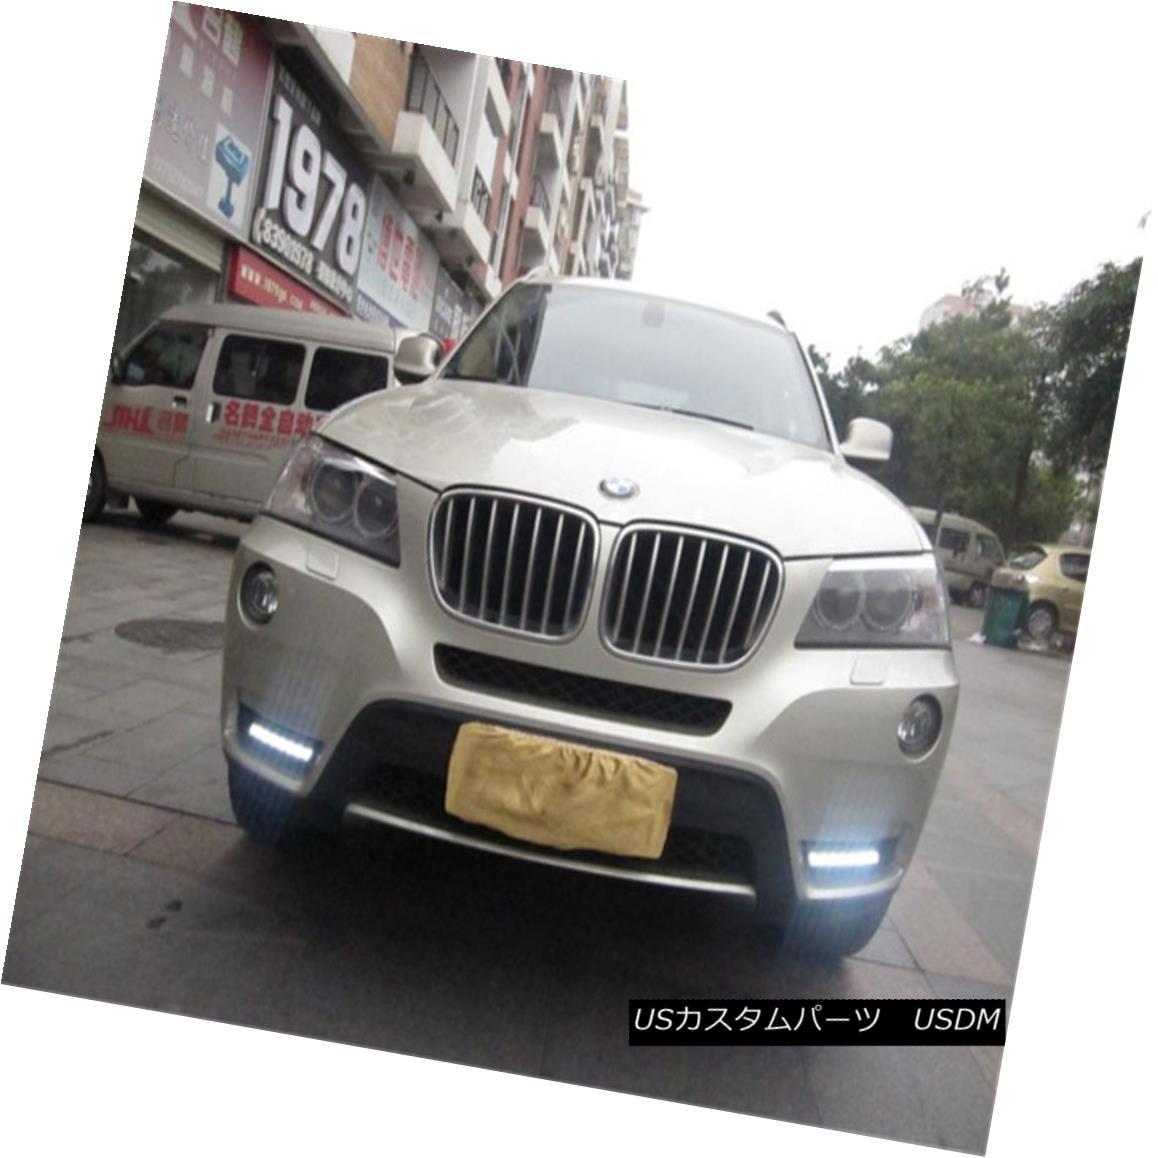 車用品 バイク用品 >> パーツ 外装 エアロパーツ その他 DRL Parts LED Driving Daytime Running BMW 2009-2013用昼間走行灯 新着 Lamp Lights DRLパーツBMW ランプ駆動LED F25 X3 For 2009-2013 ギフ_包装